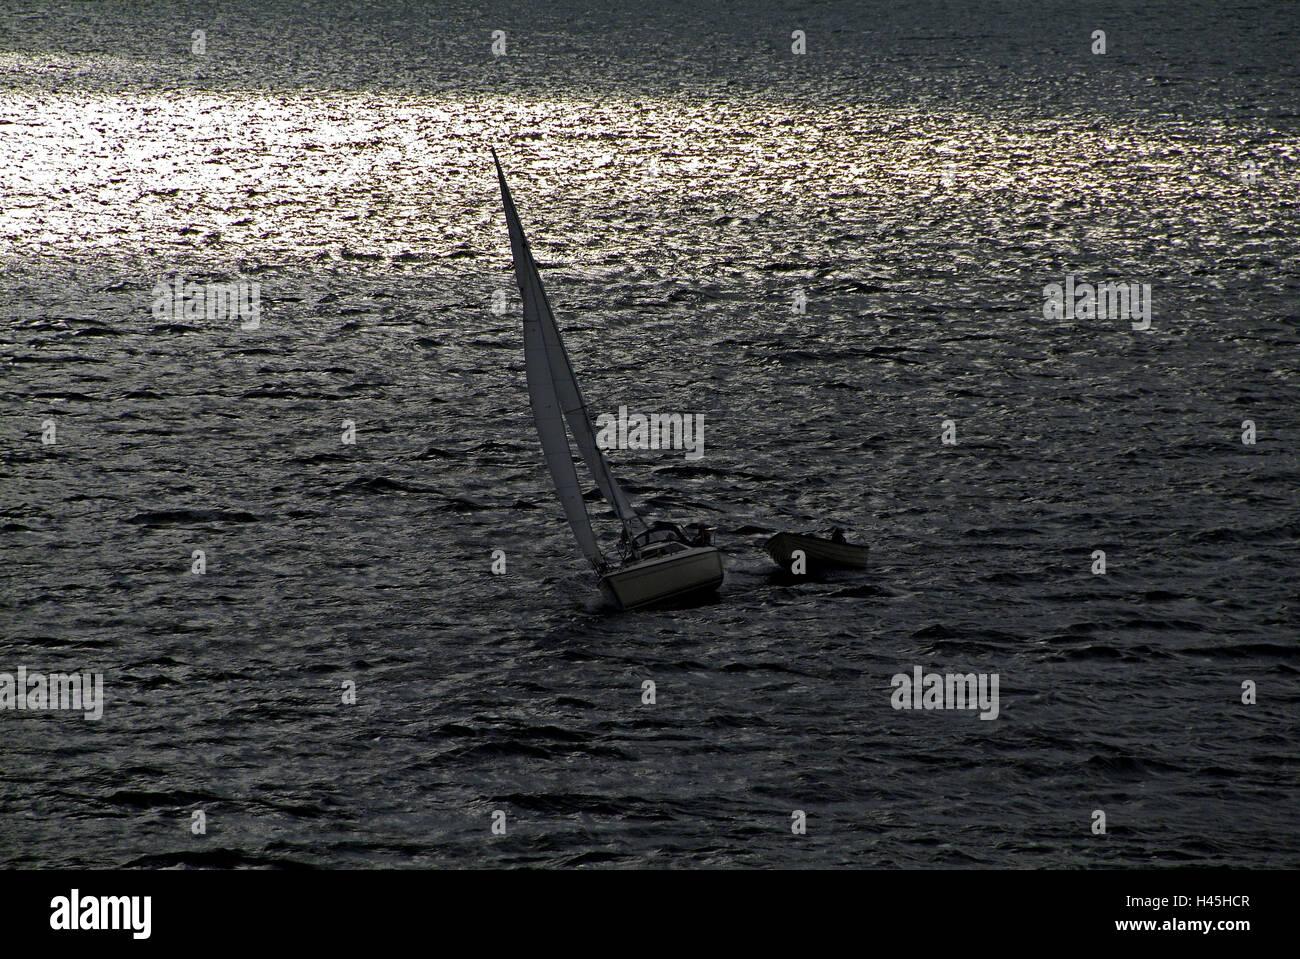 Voilier, la mer, le contre-jour, Photo Stock